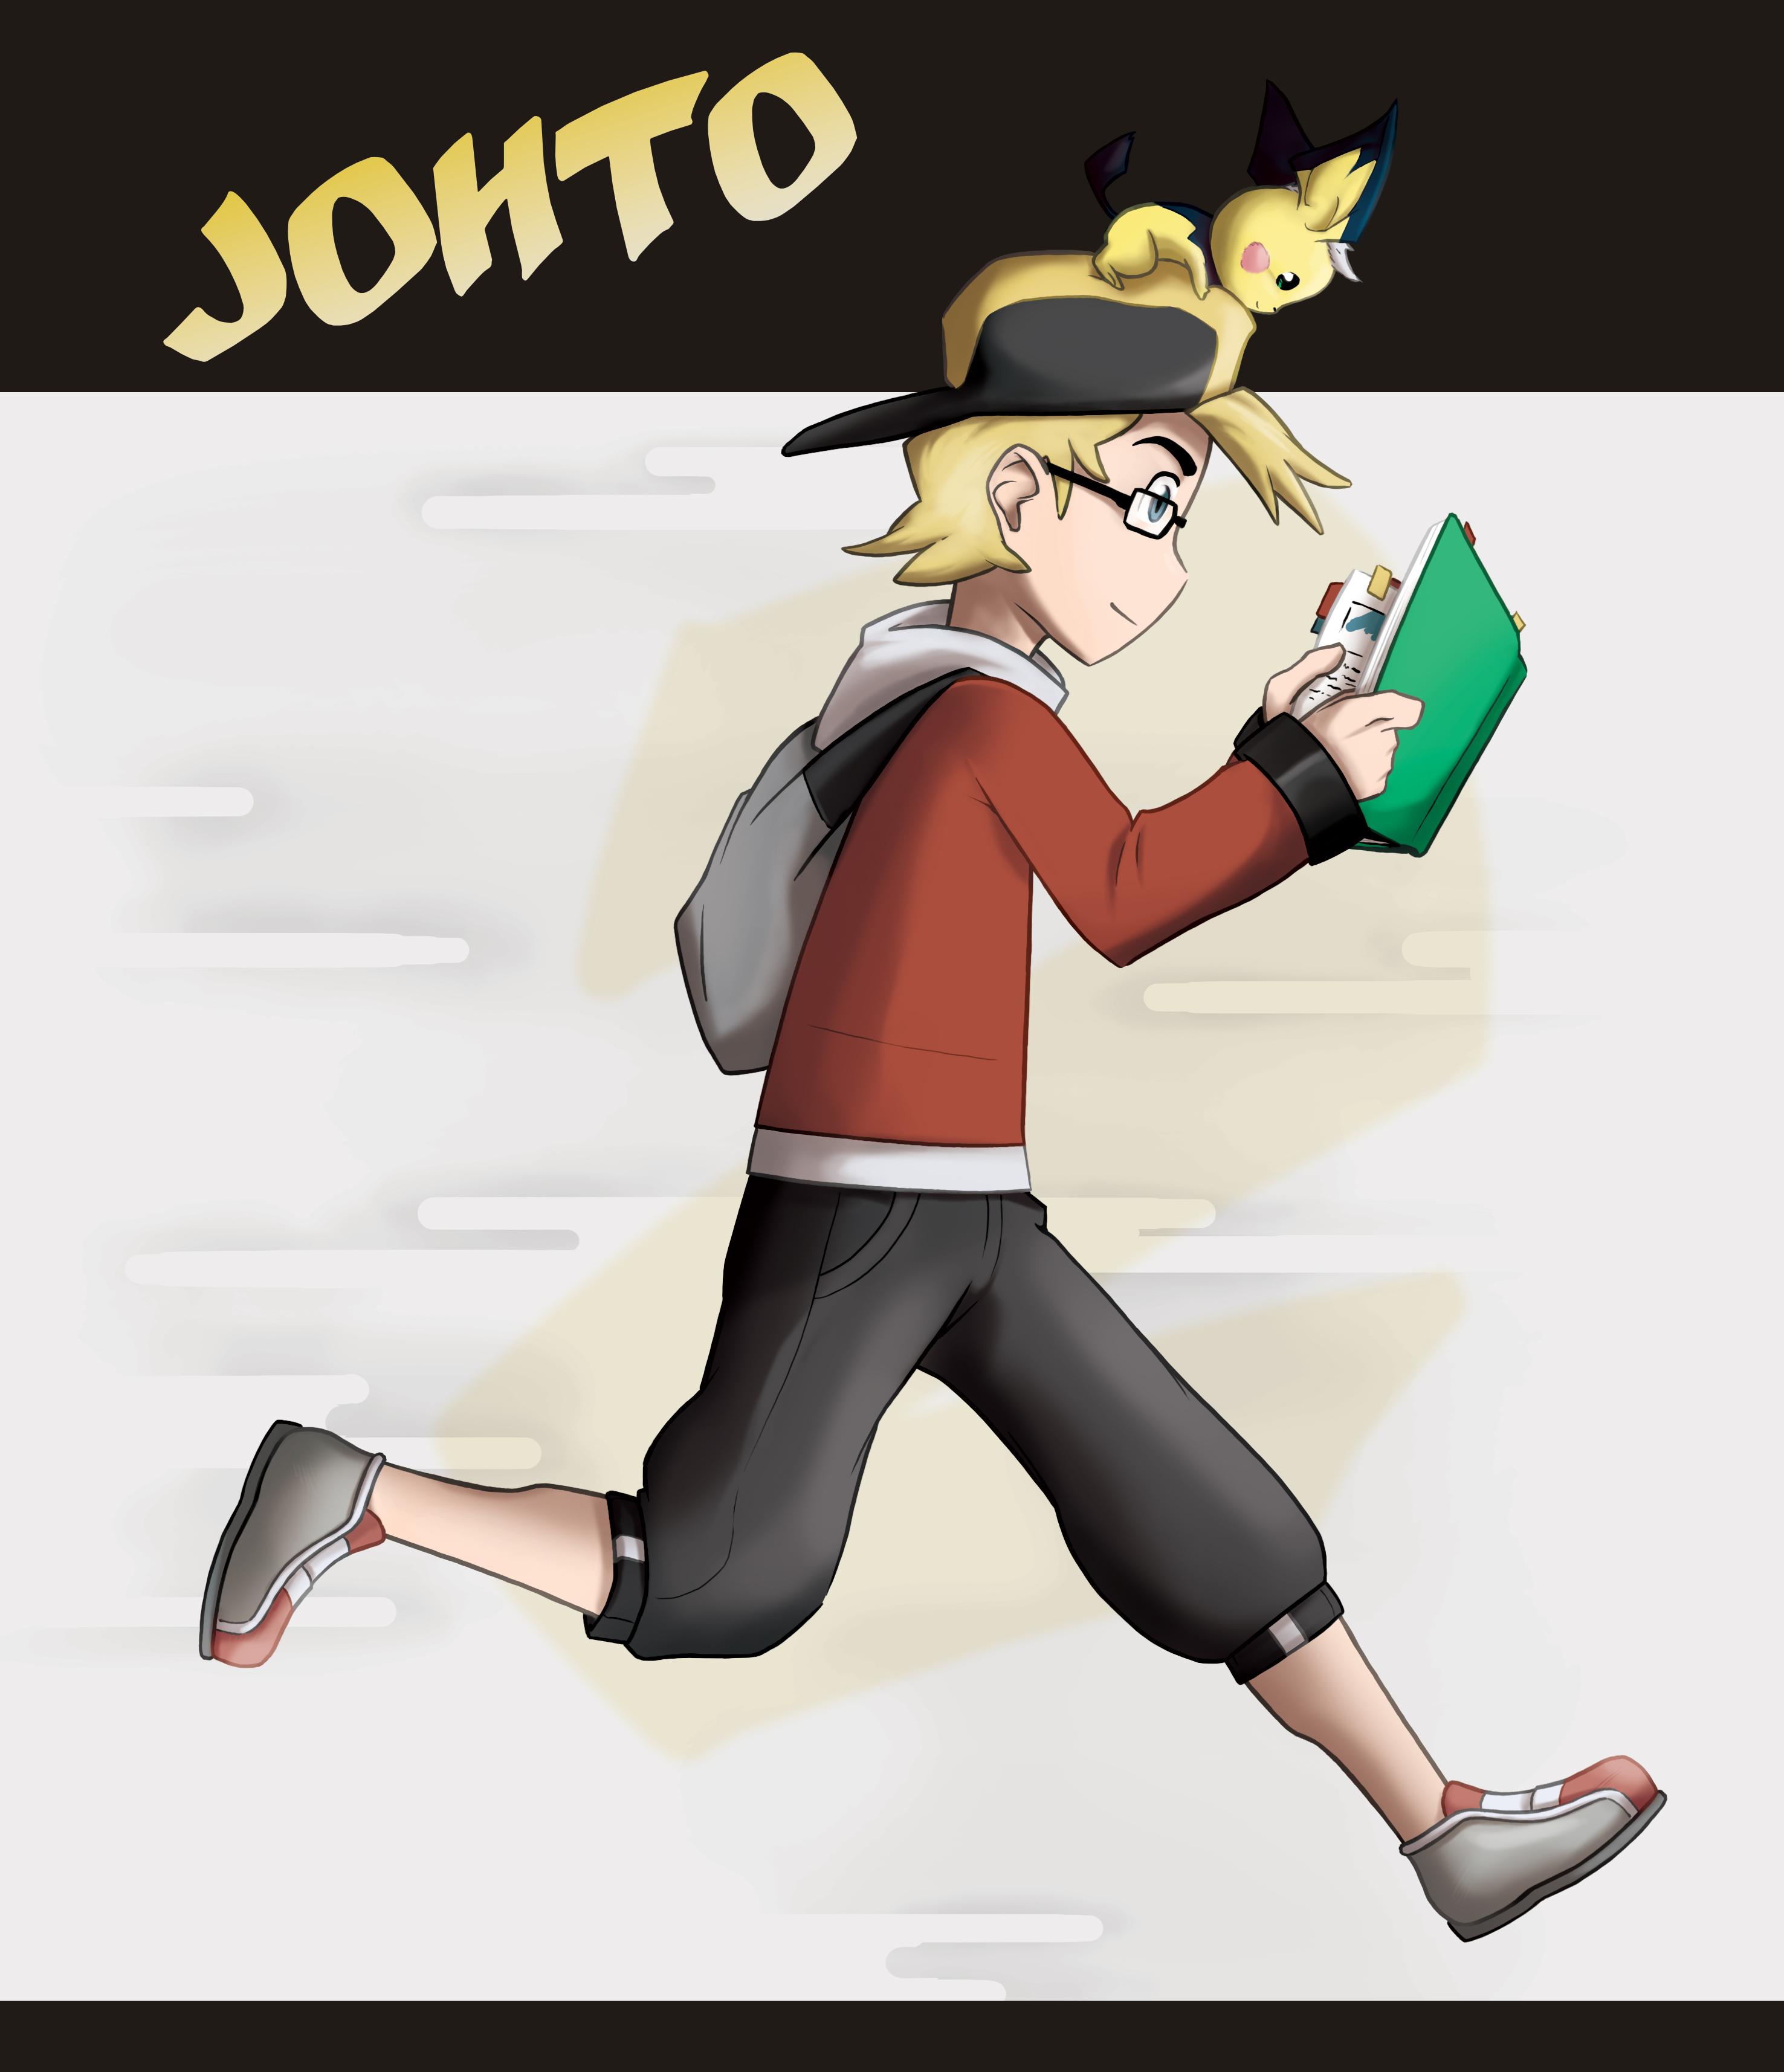 Pokémon - Johto